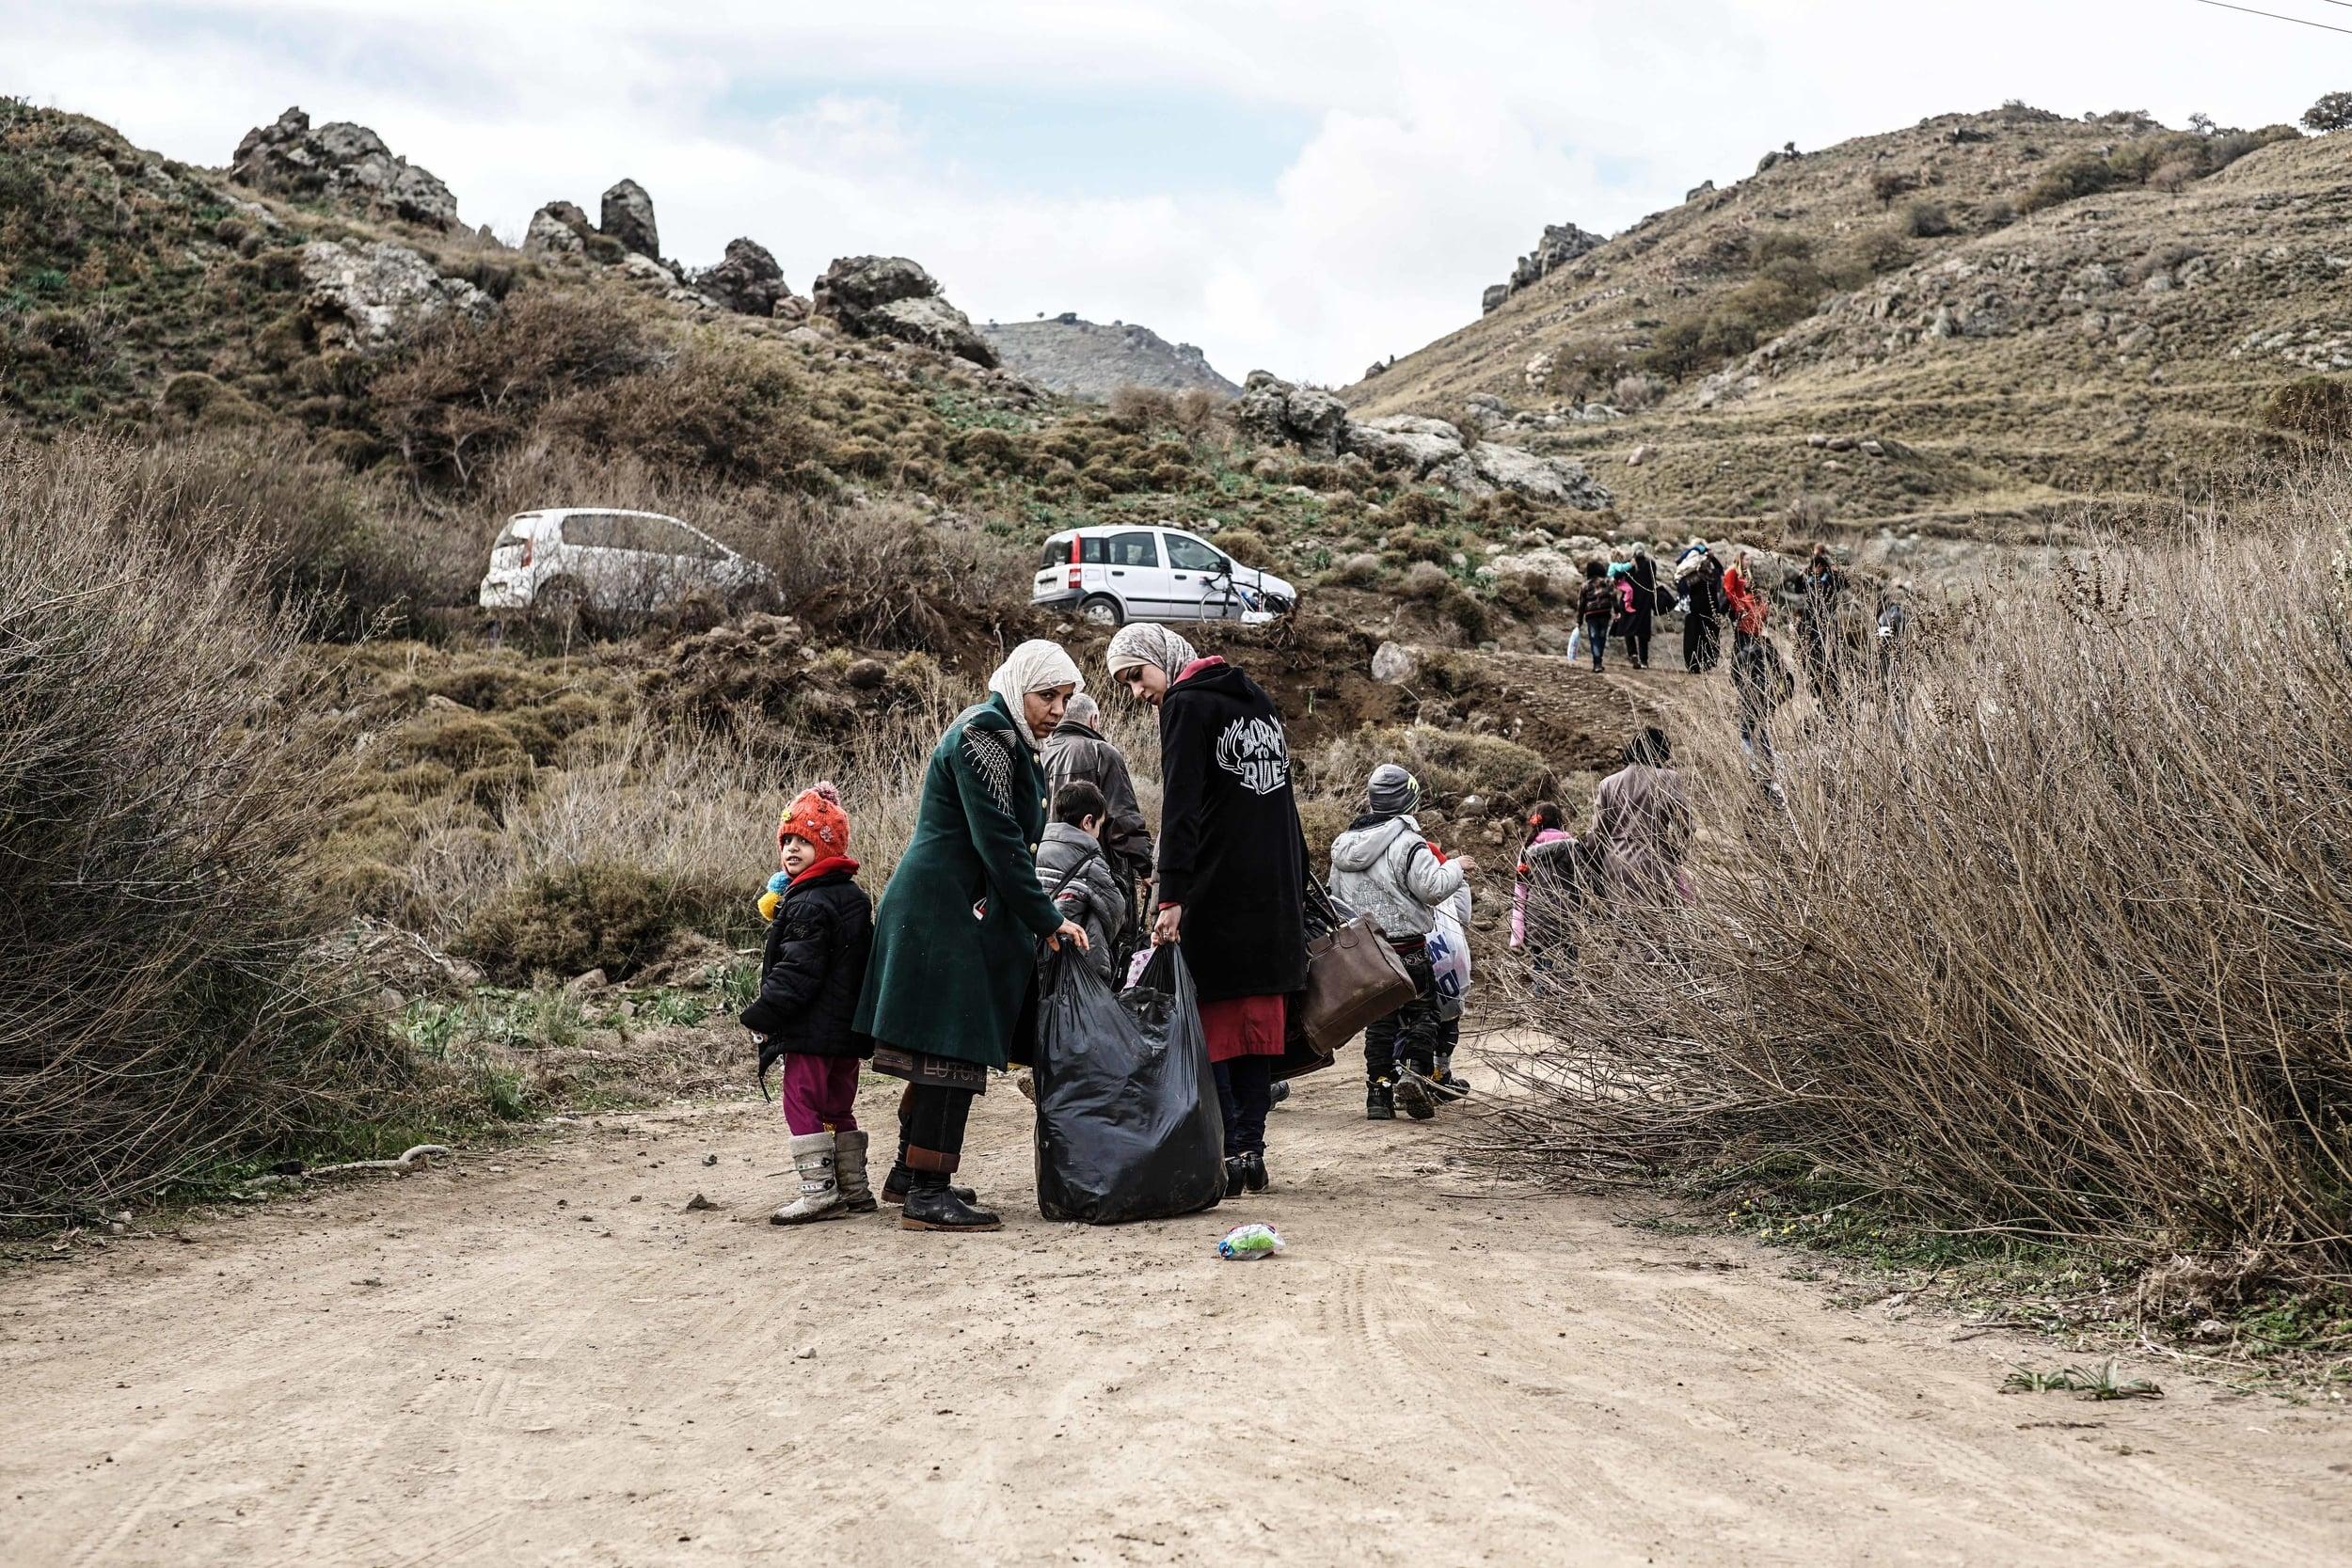 Harrison Bruhn Refugee Crisis 2015 November Greek island of Lesbos Lesvos Migrant 6.jpg